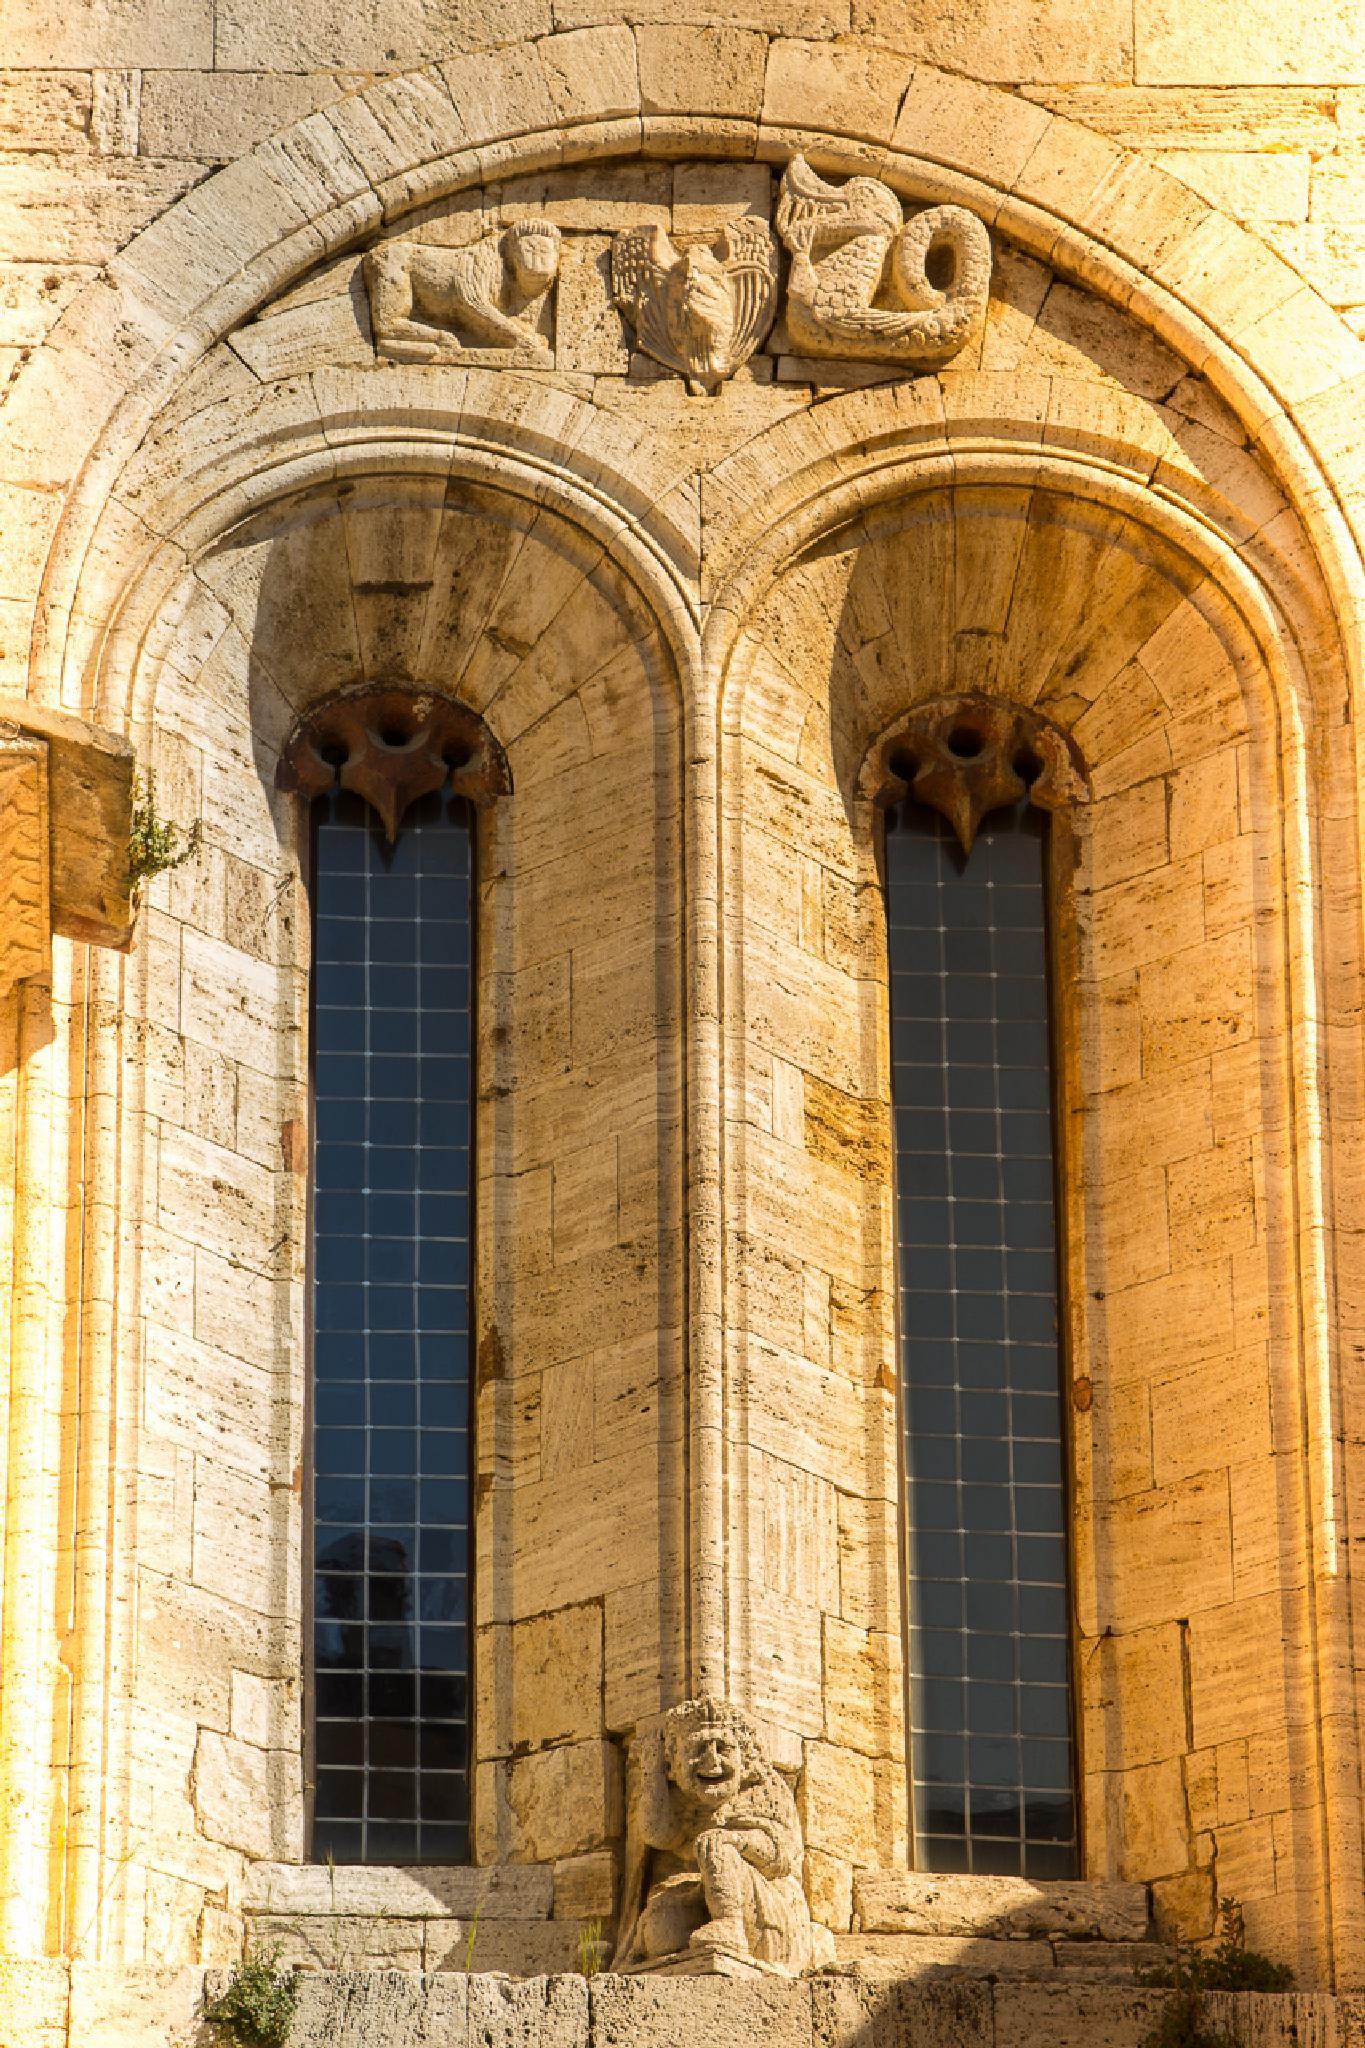 Collegiata windows by Maurizio Fissi